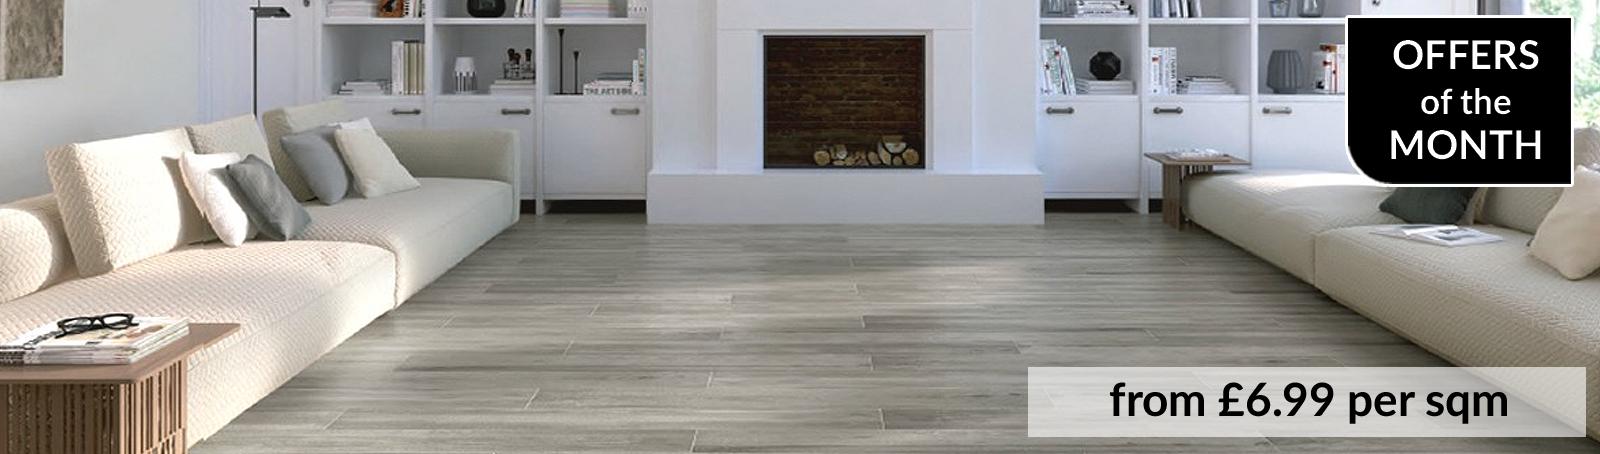 Floor Tile Offers